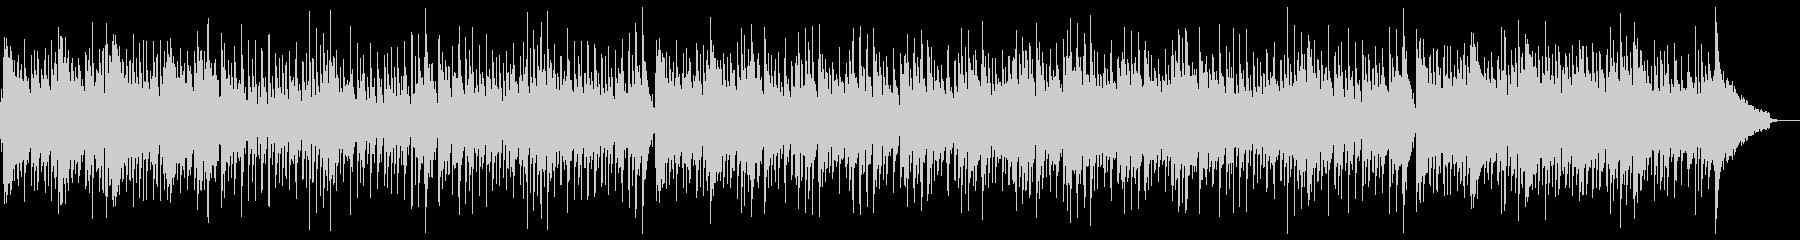 ぶらり旅ユーモラスで楽しい曲:和楽器版の未再生の波形